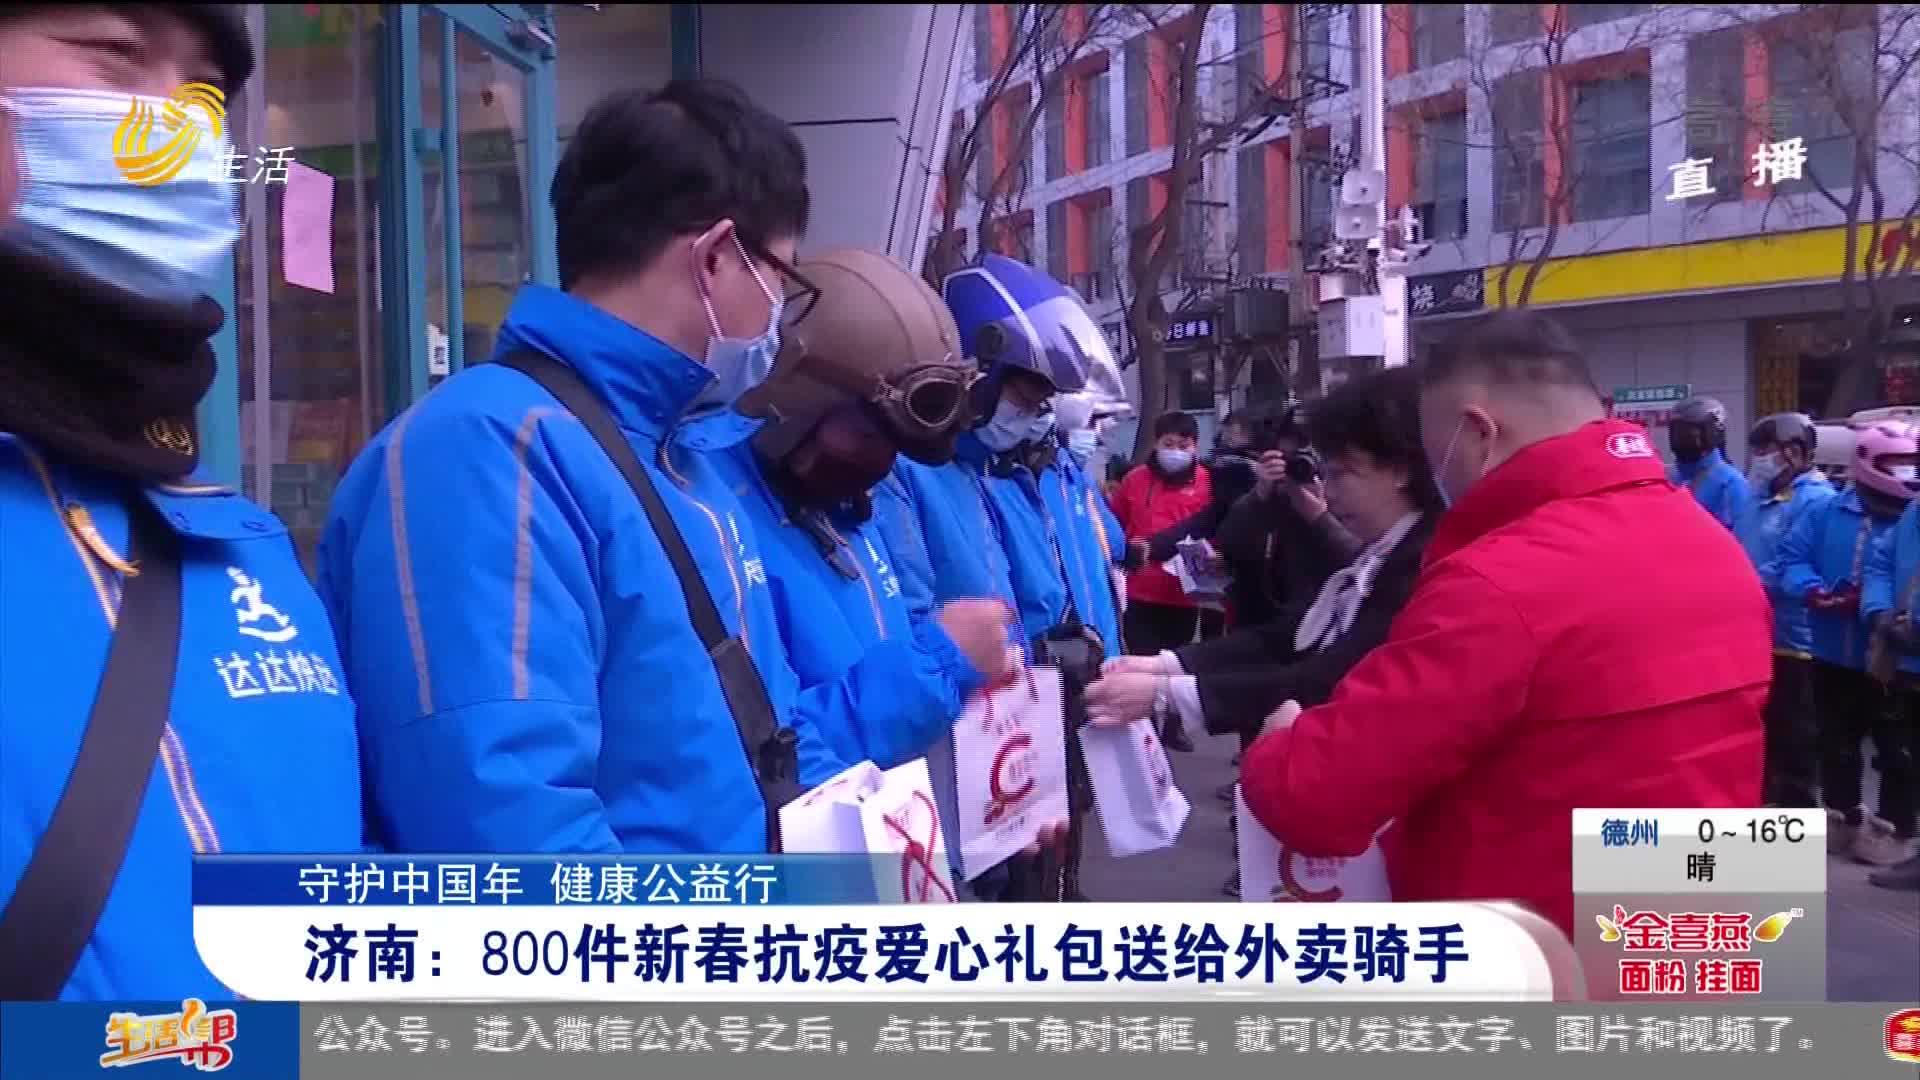 济南:800件新春抗疫爱心礼包送给外卖骑手